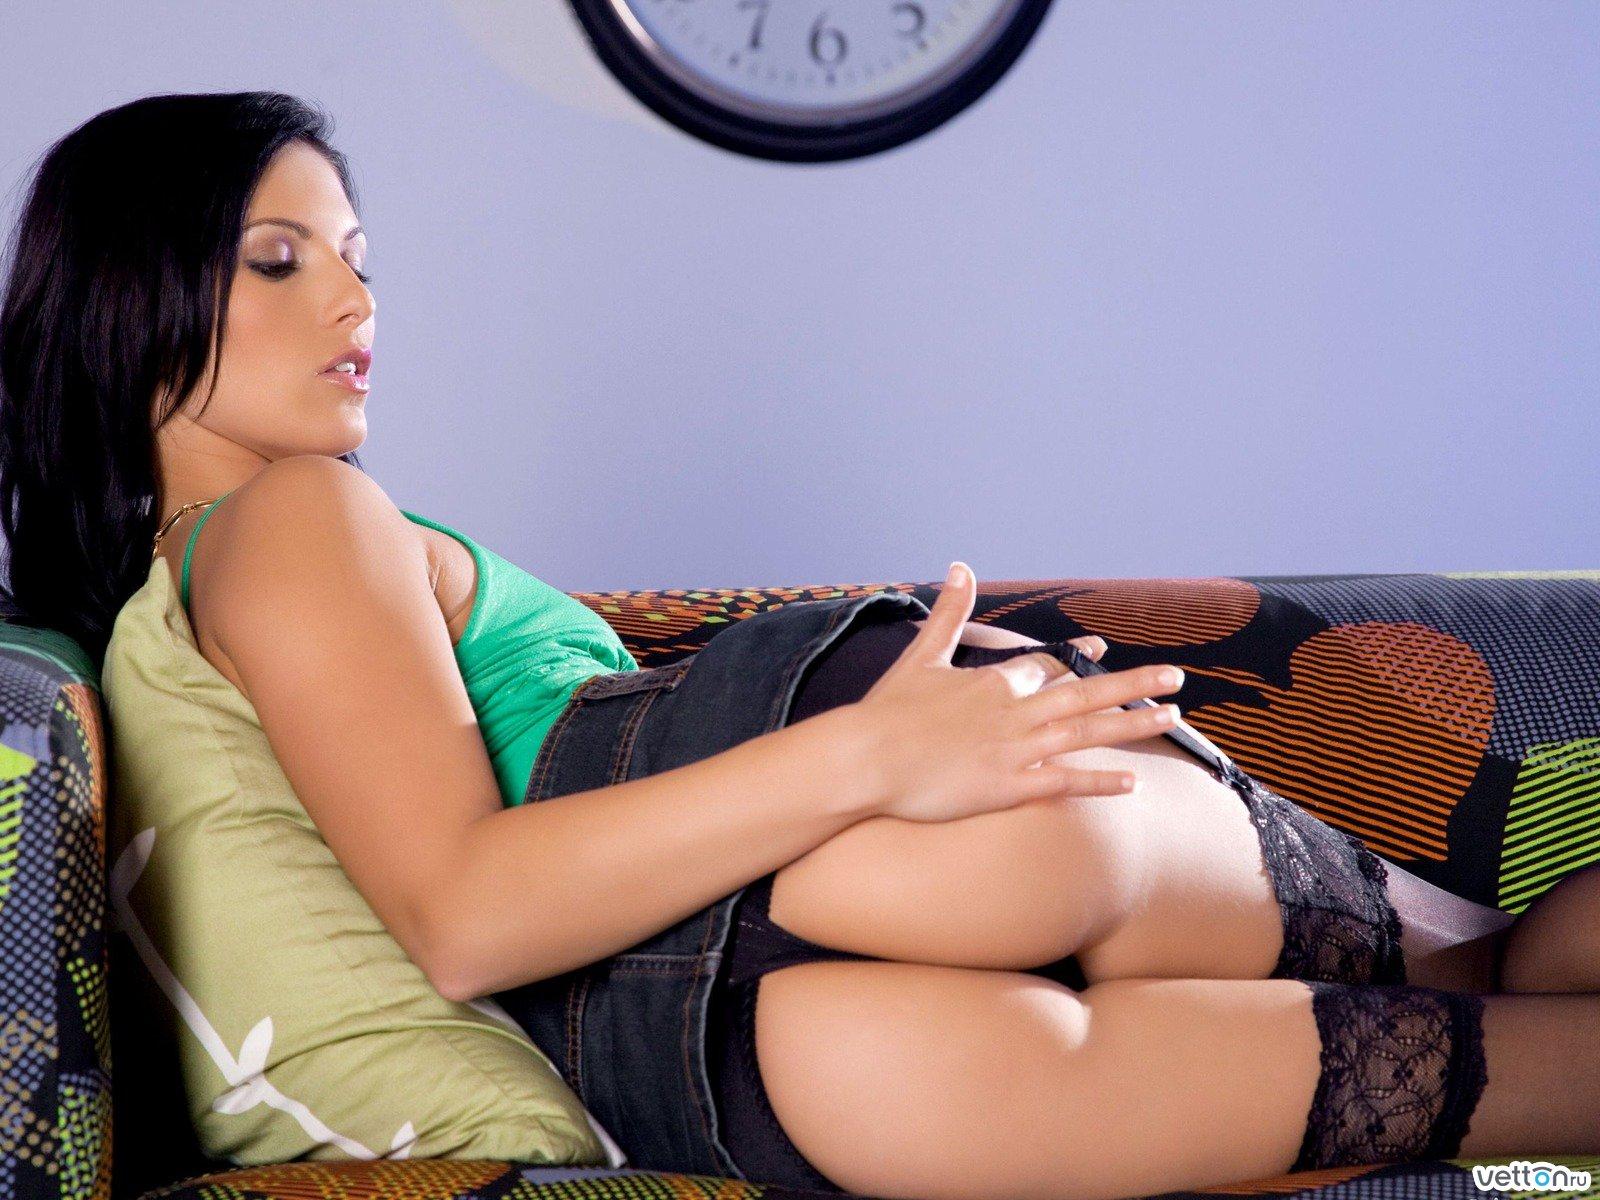 Сексуальная девушка попки 20 фотография